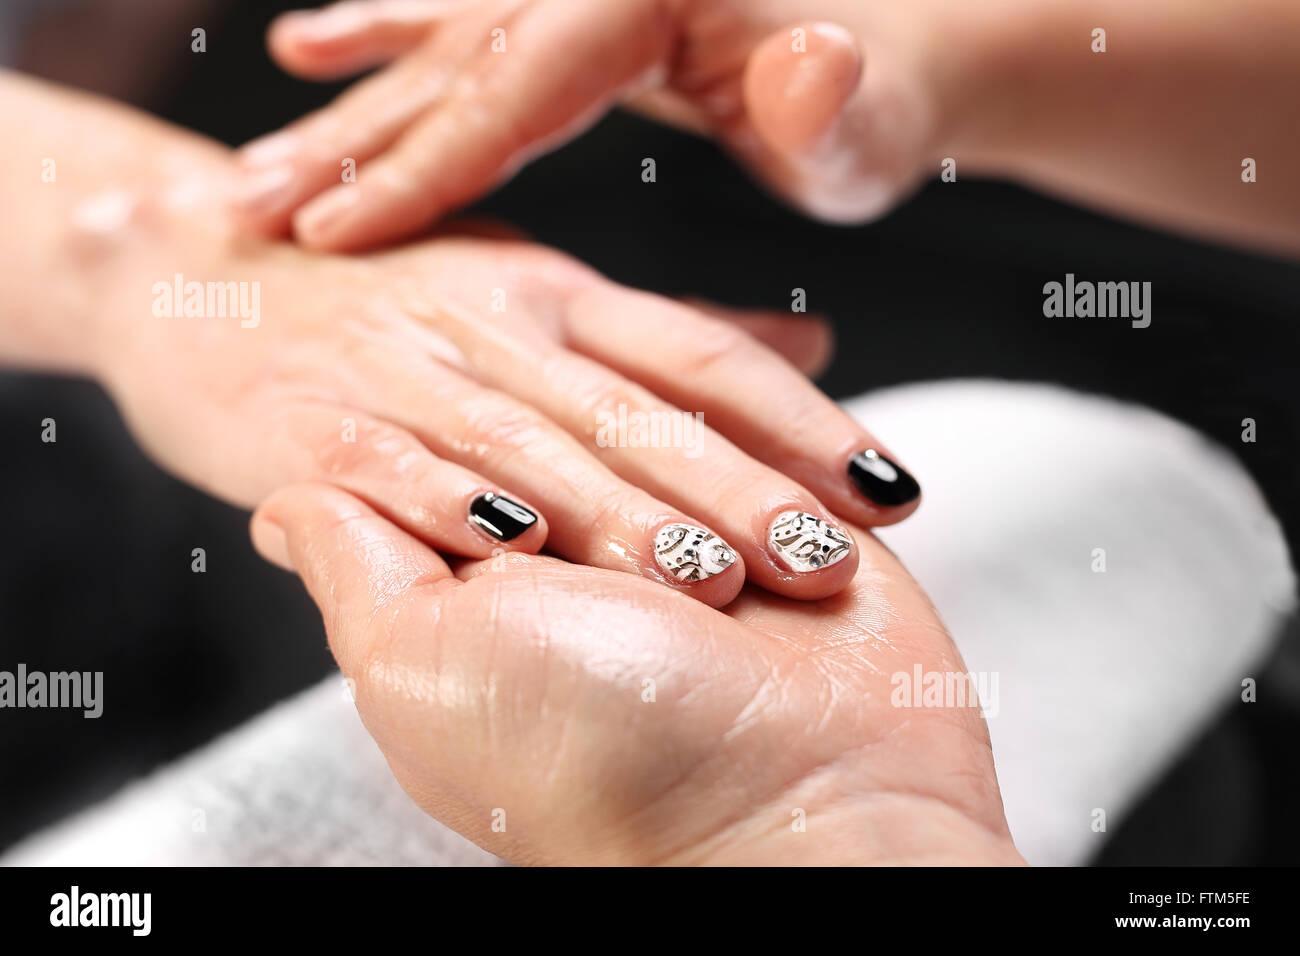 Verschiedene Nägel Muster Ideen Von Chanel-kühlergrill, Schwarz / Weiß Auf Ihre Nägel.